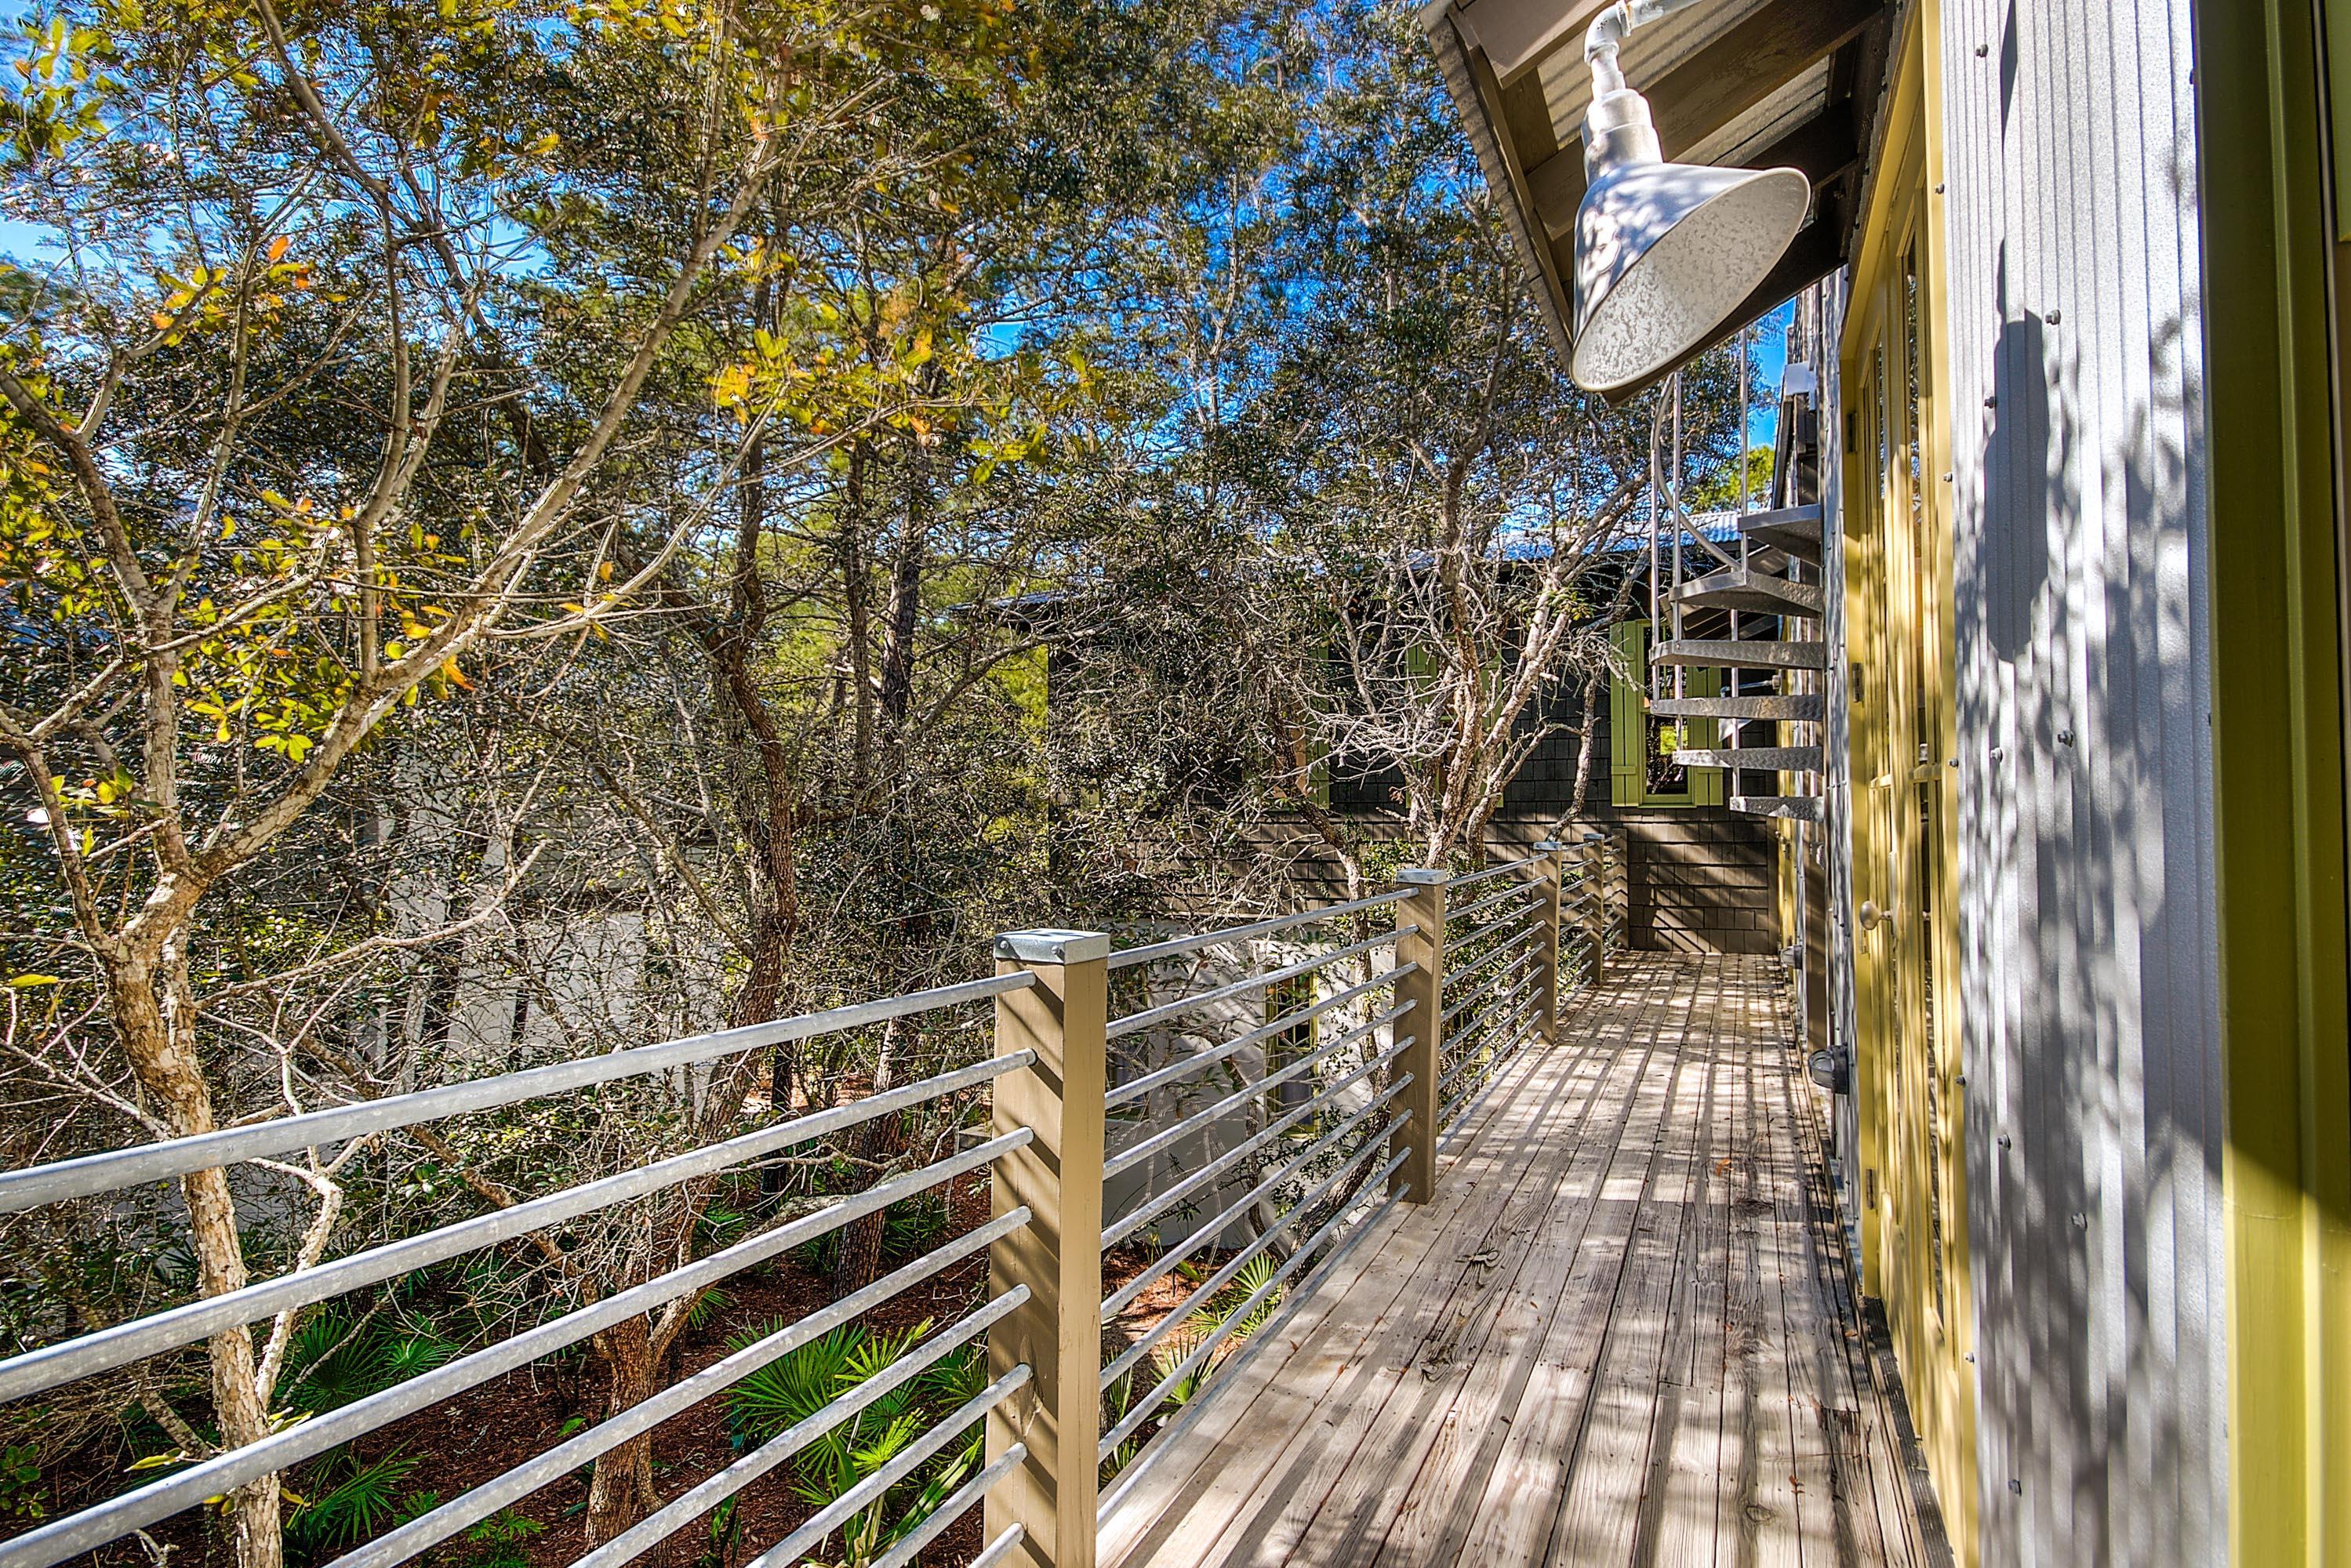 343 Wilderness Way  Photo 30